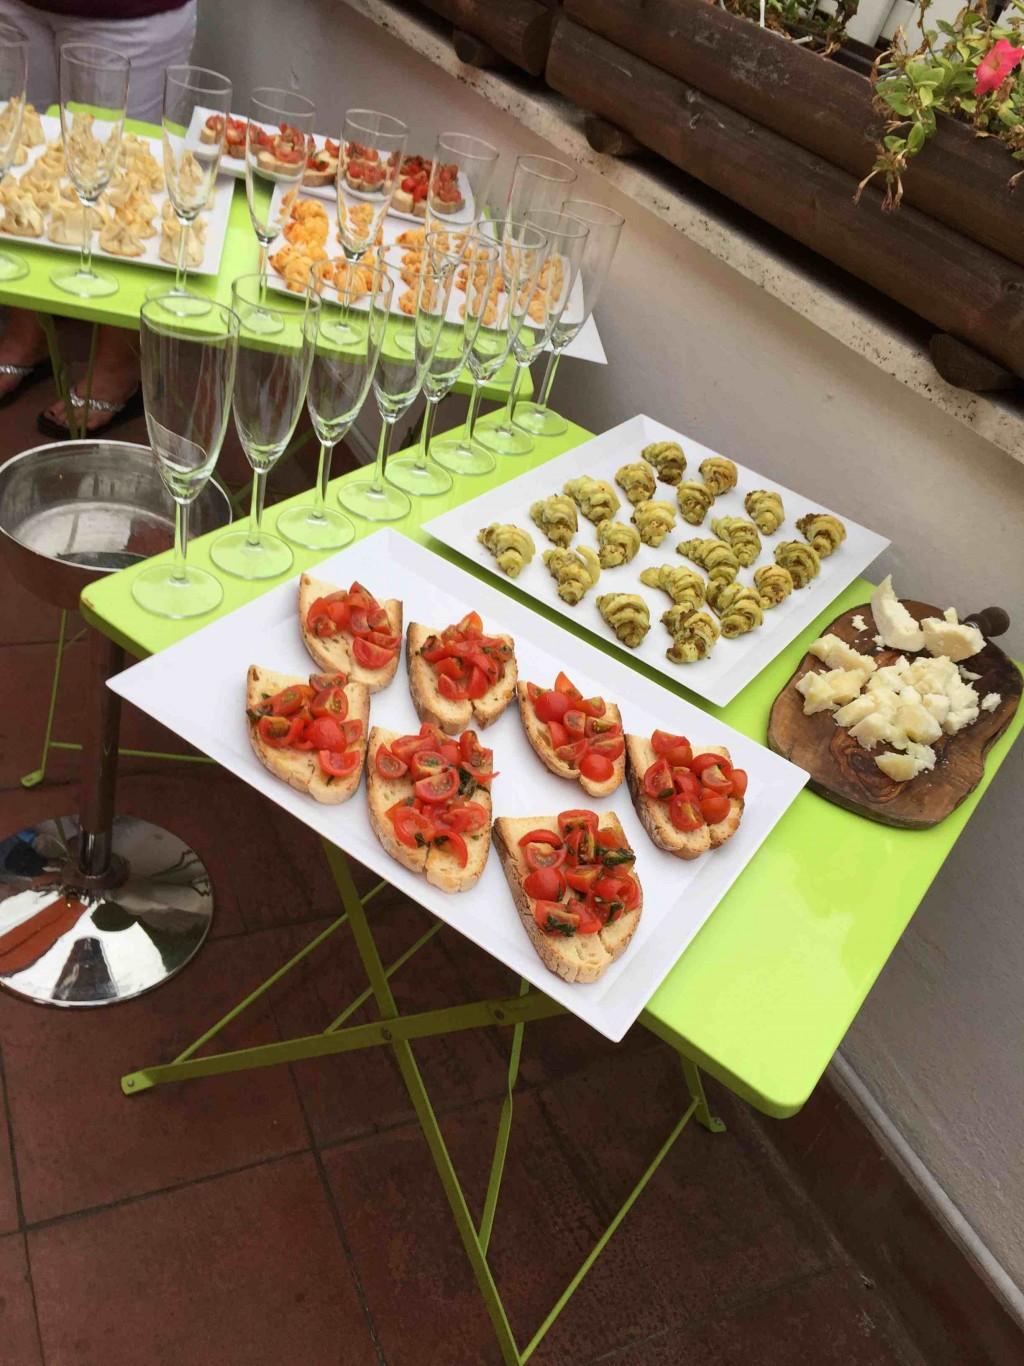 Un cours de cuisine rome le webzine des voyages par louise gaboury - Cours de cuisine londres ...